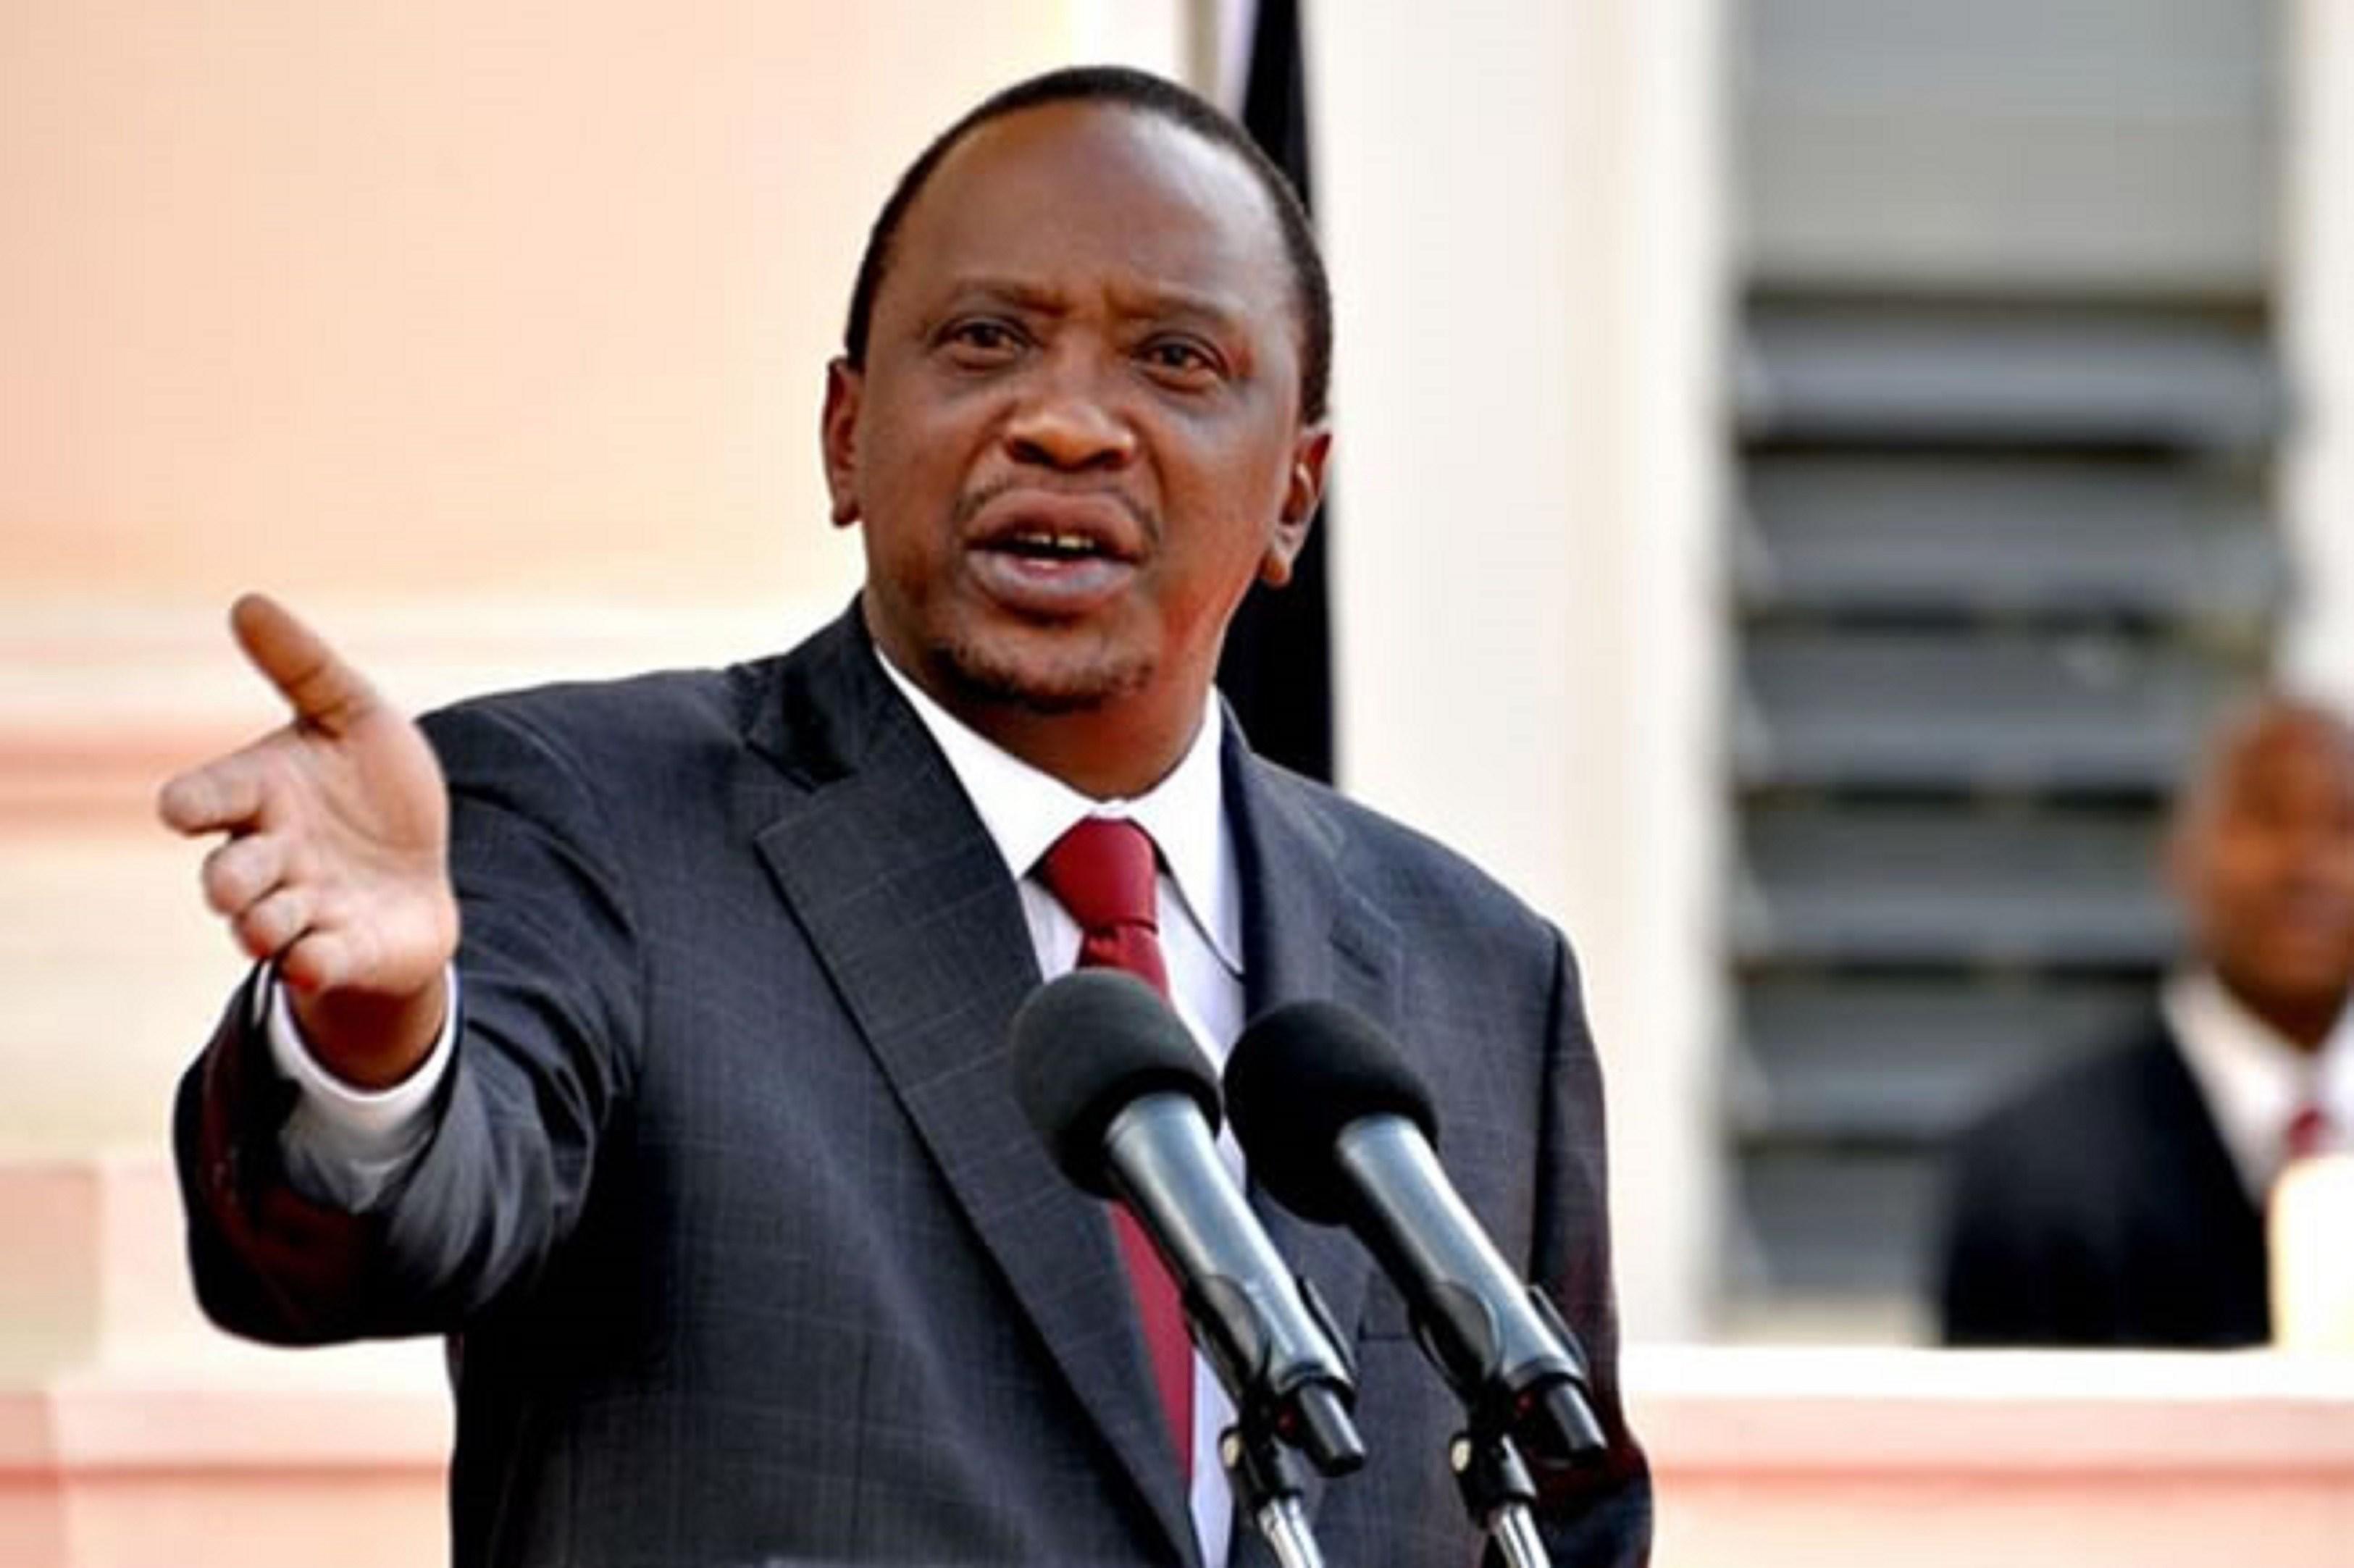 [Dhageyso Sirculus:] Kenya oo Sabab la yaab leh kula dagaalsan Madaxweyne Farmaajo ?